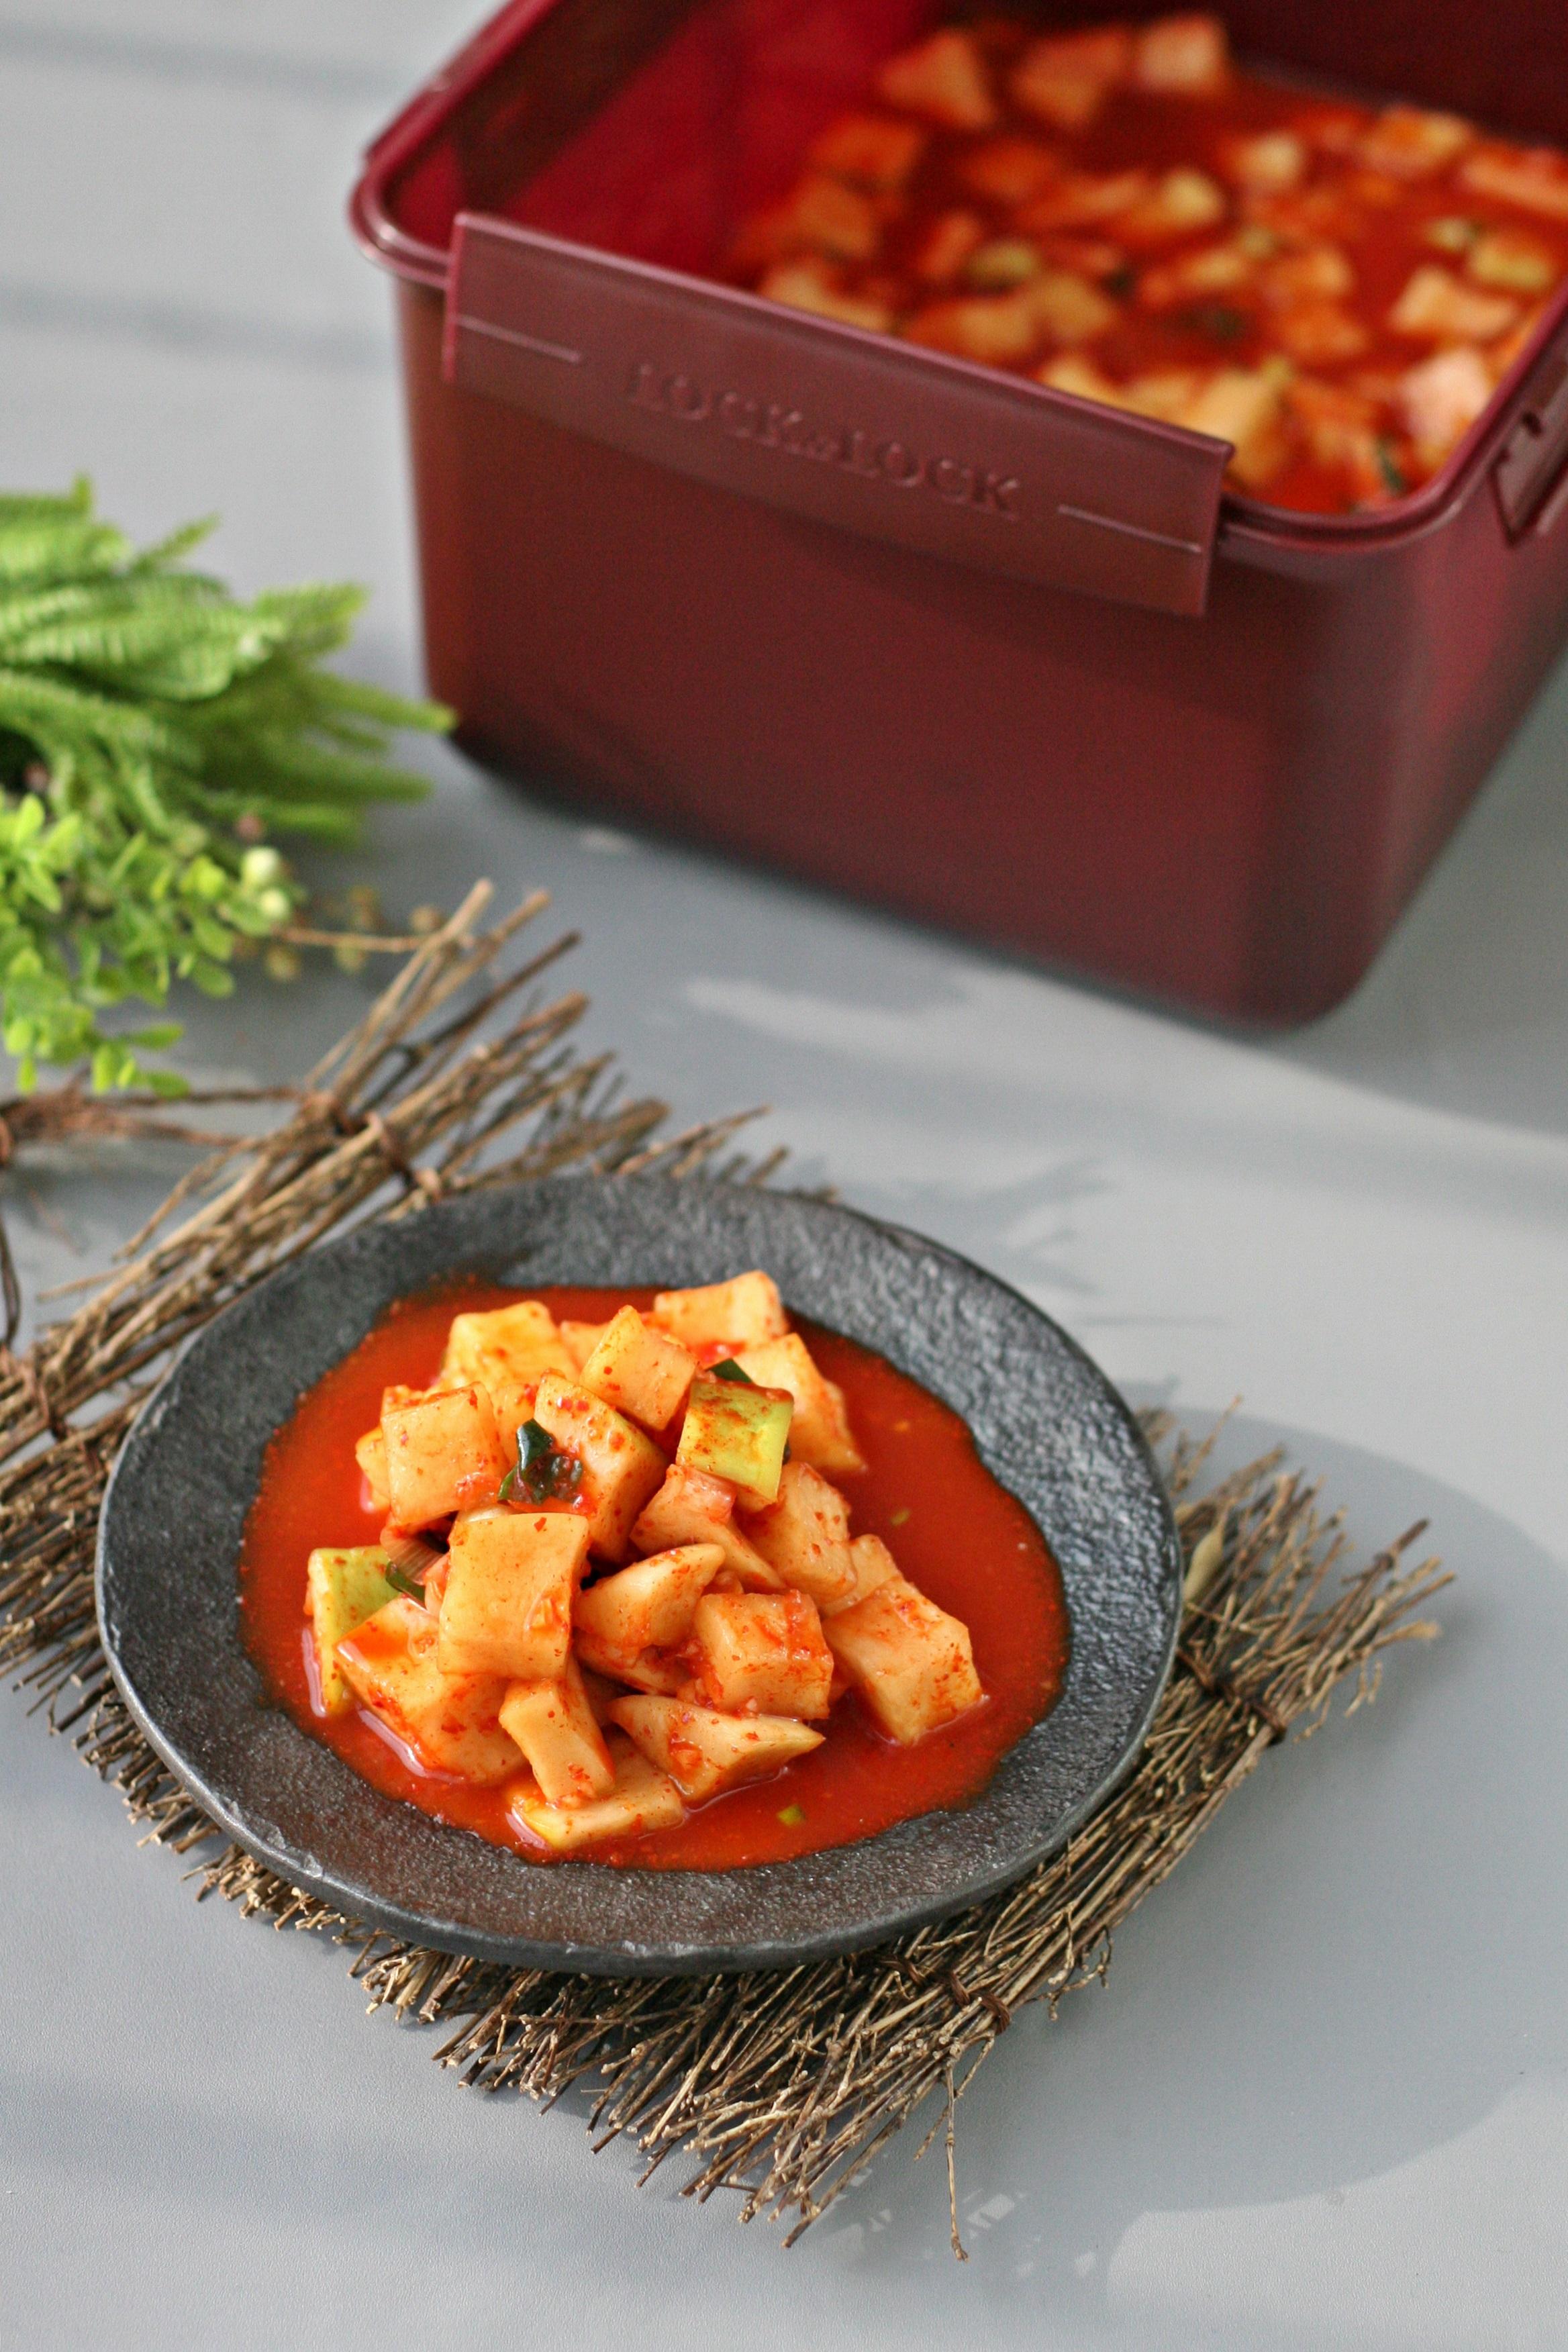 김장김치 숨쉬는 김치통에 맛있게 보관하세요.